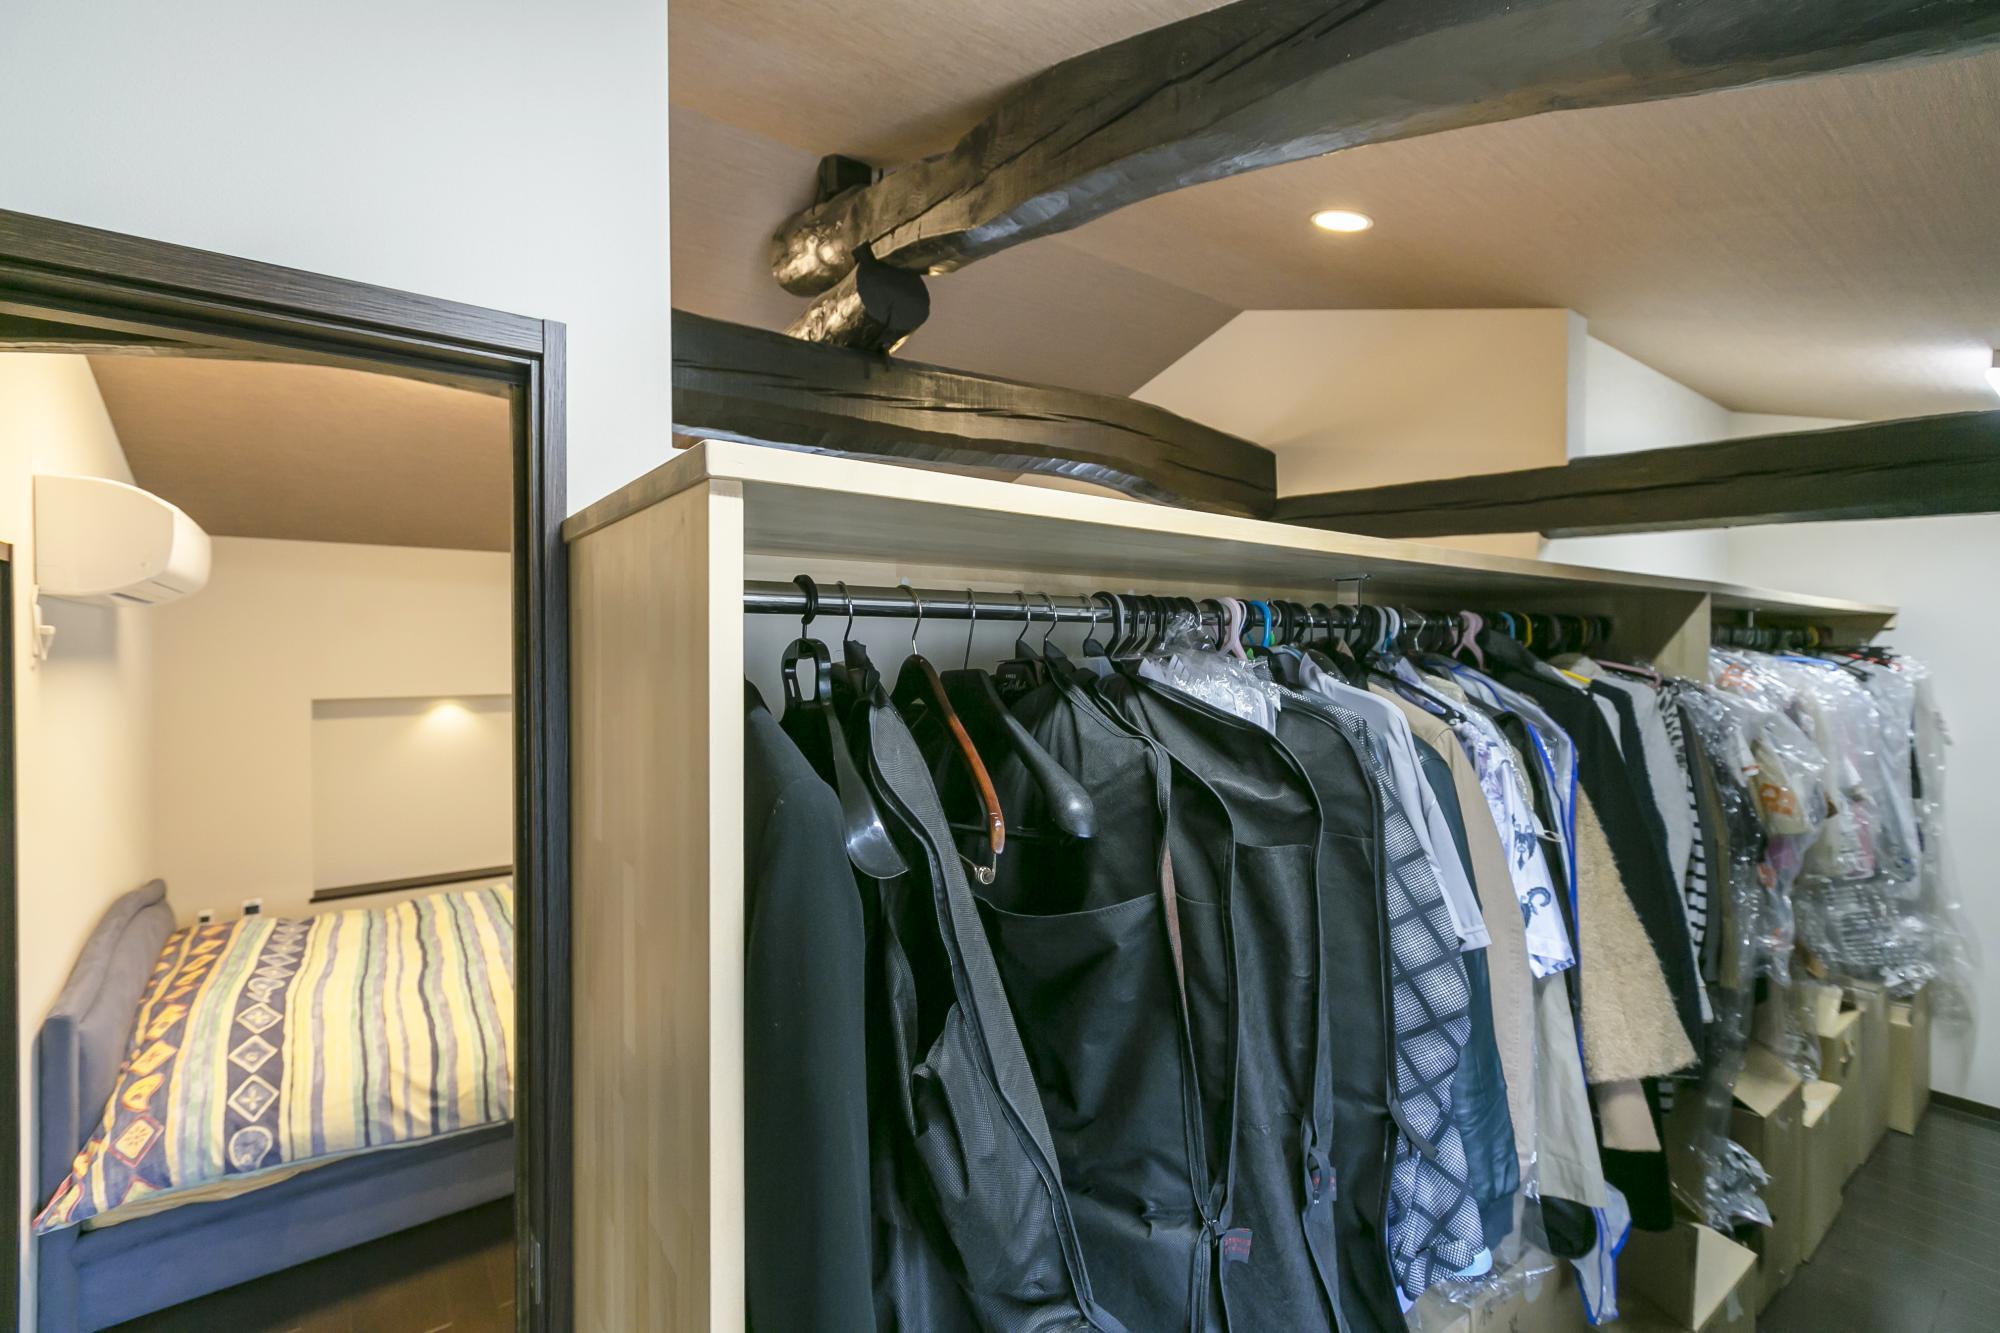 寝室の隣りにウォークインクロゼットを配置。既存のタンスが収まる広さを確保し、衣類が掛けられるハンガーラックも造作した。